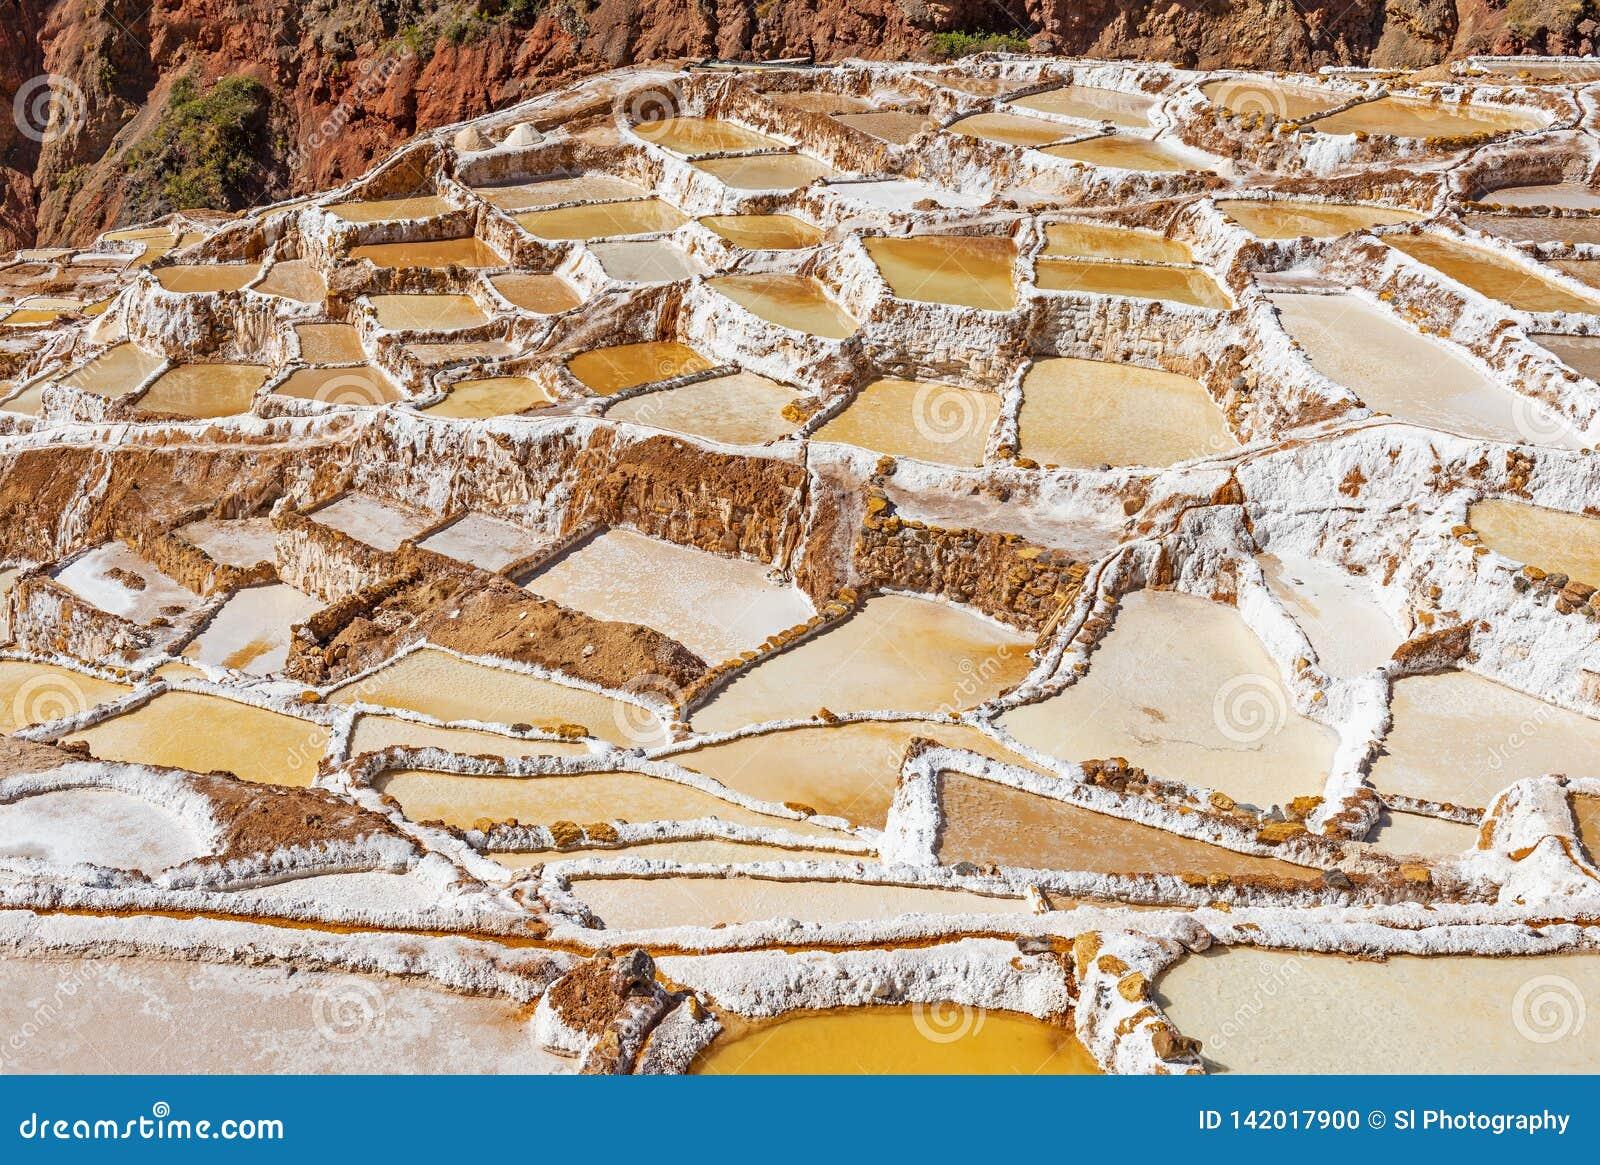 Maras Salt Terraces near Cusco, Peru